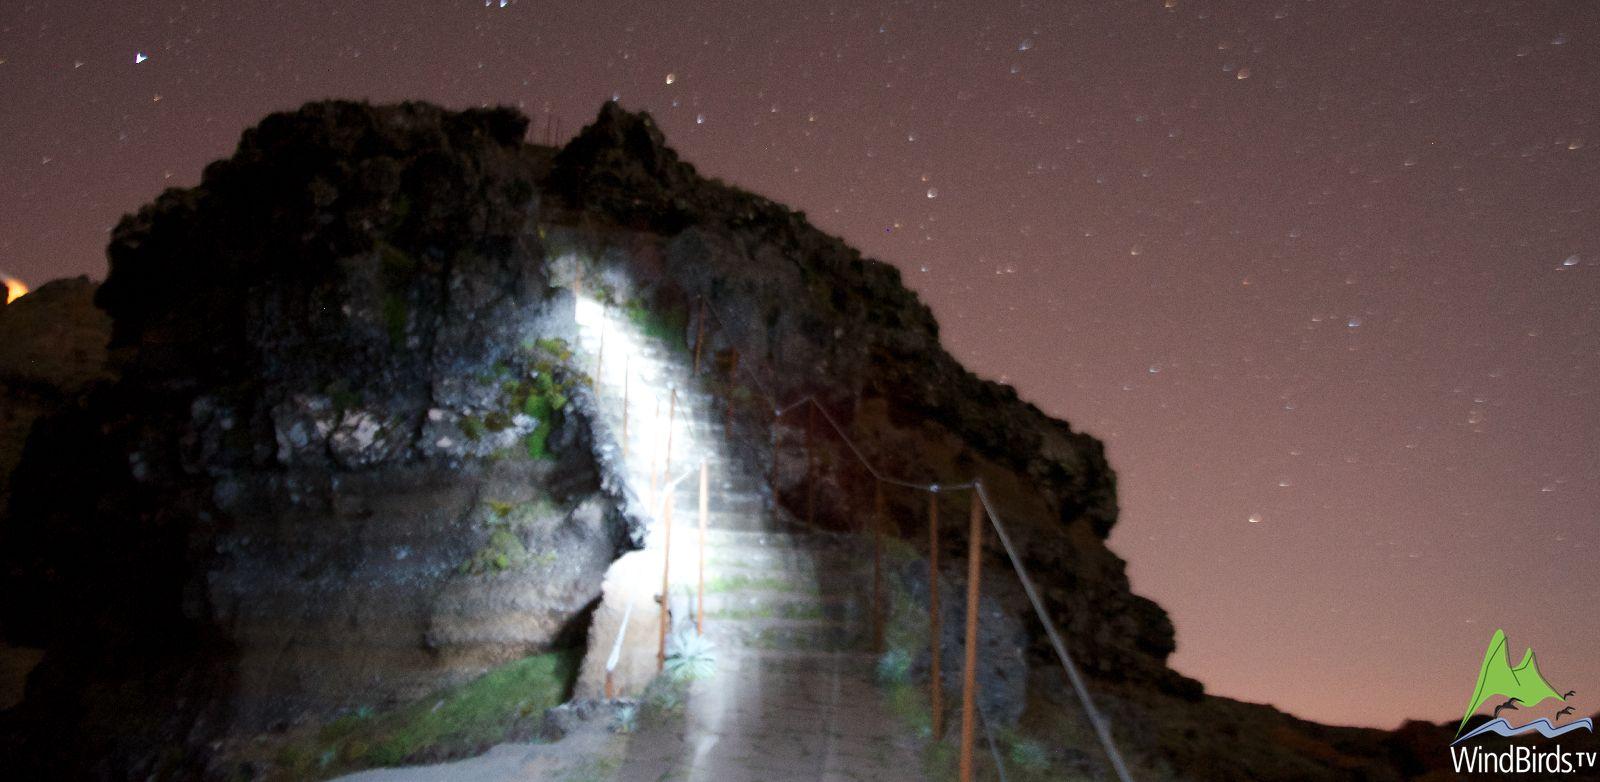 Madeira Birdwatching Night Tour